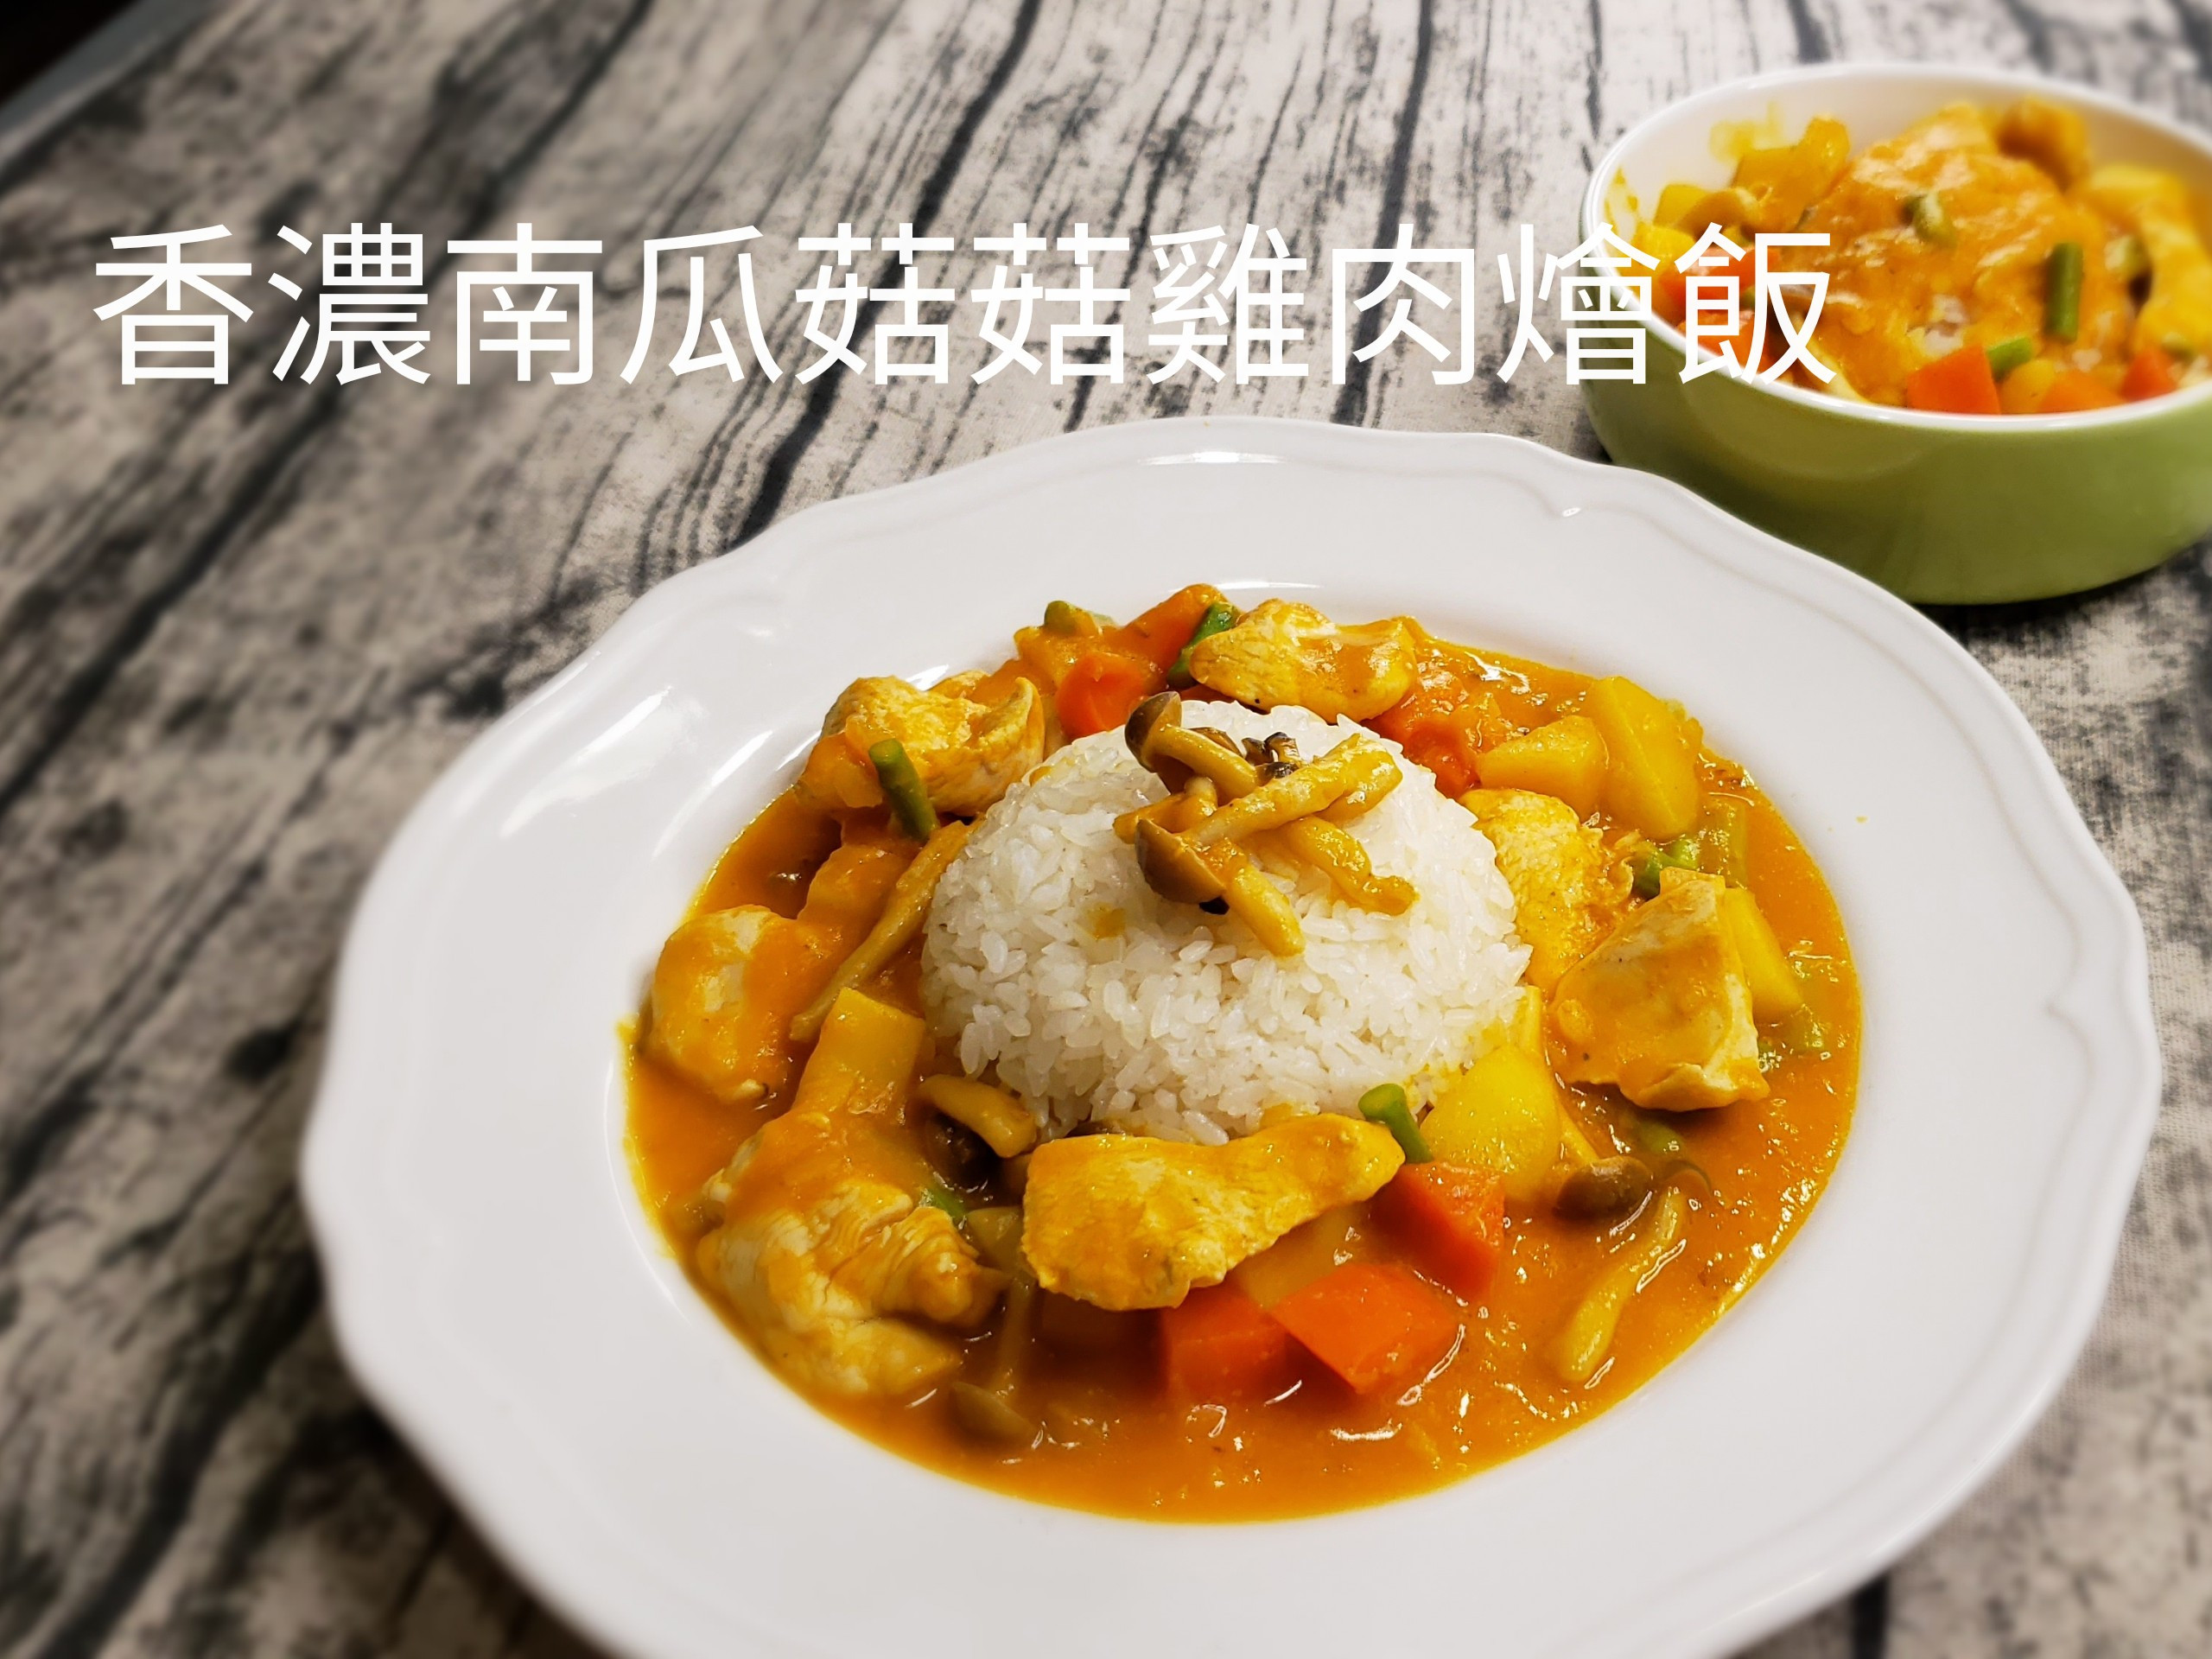 香濃南瓜菇菇雞肉燴飯